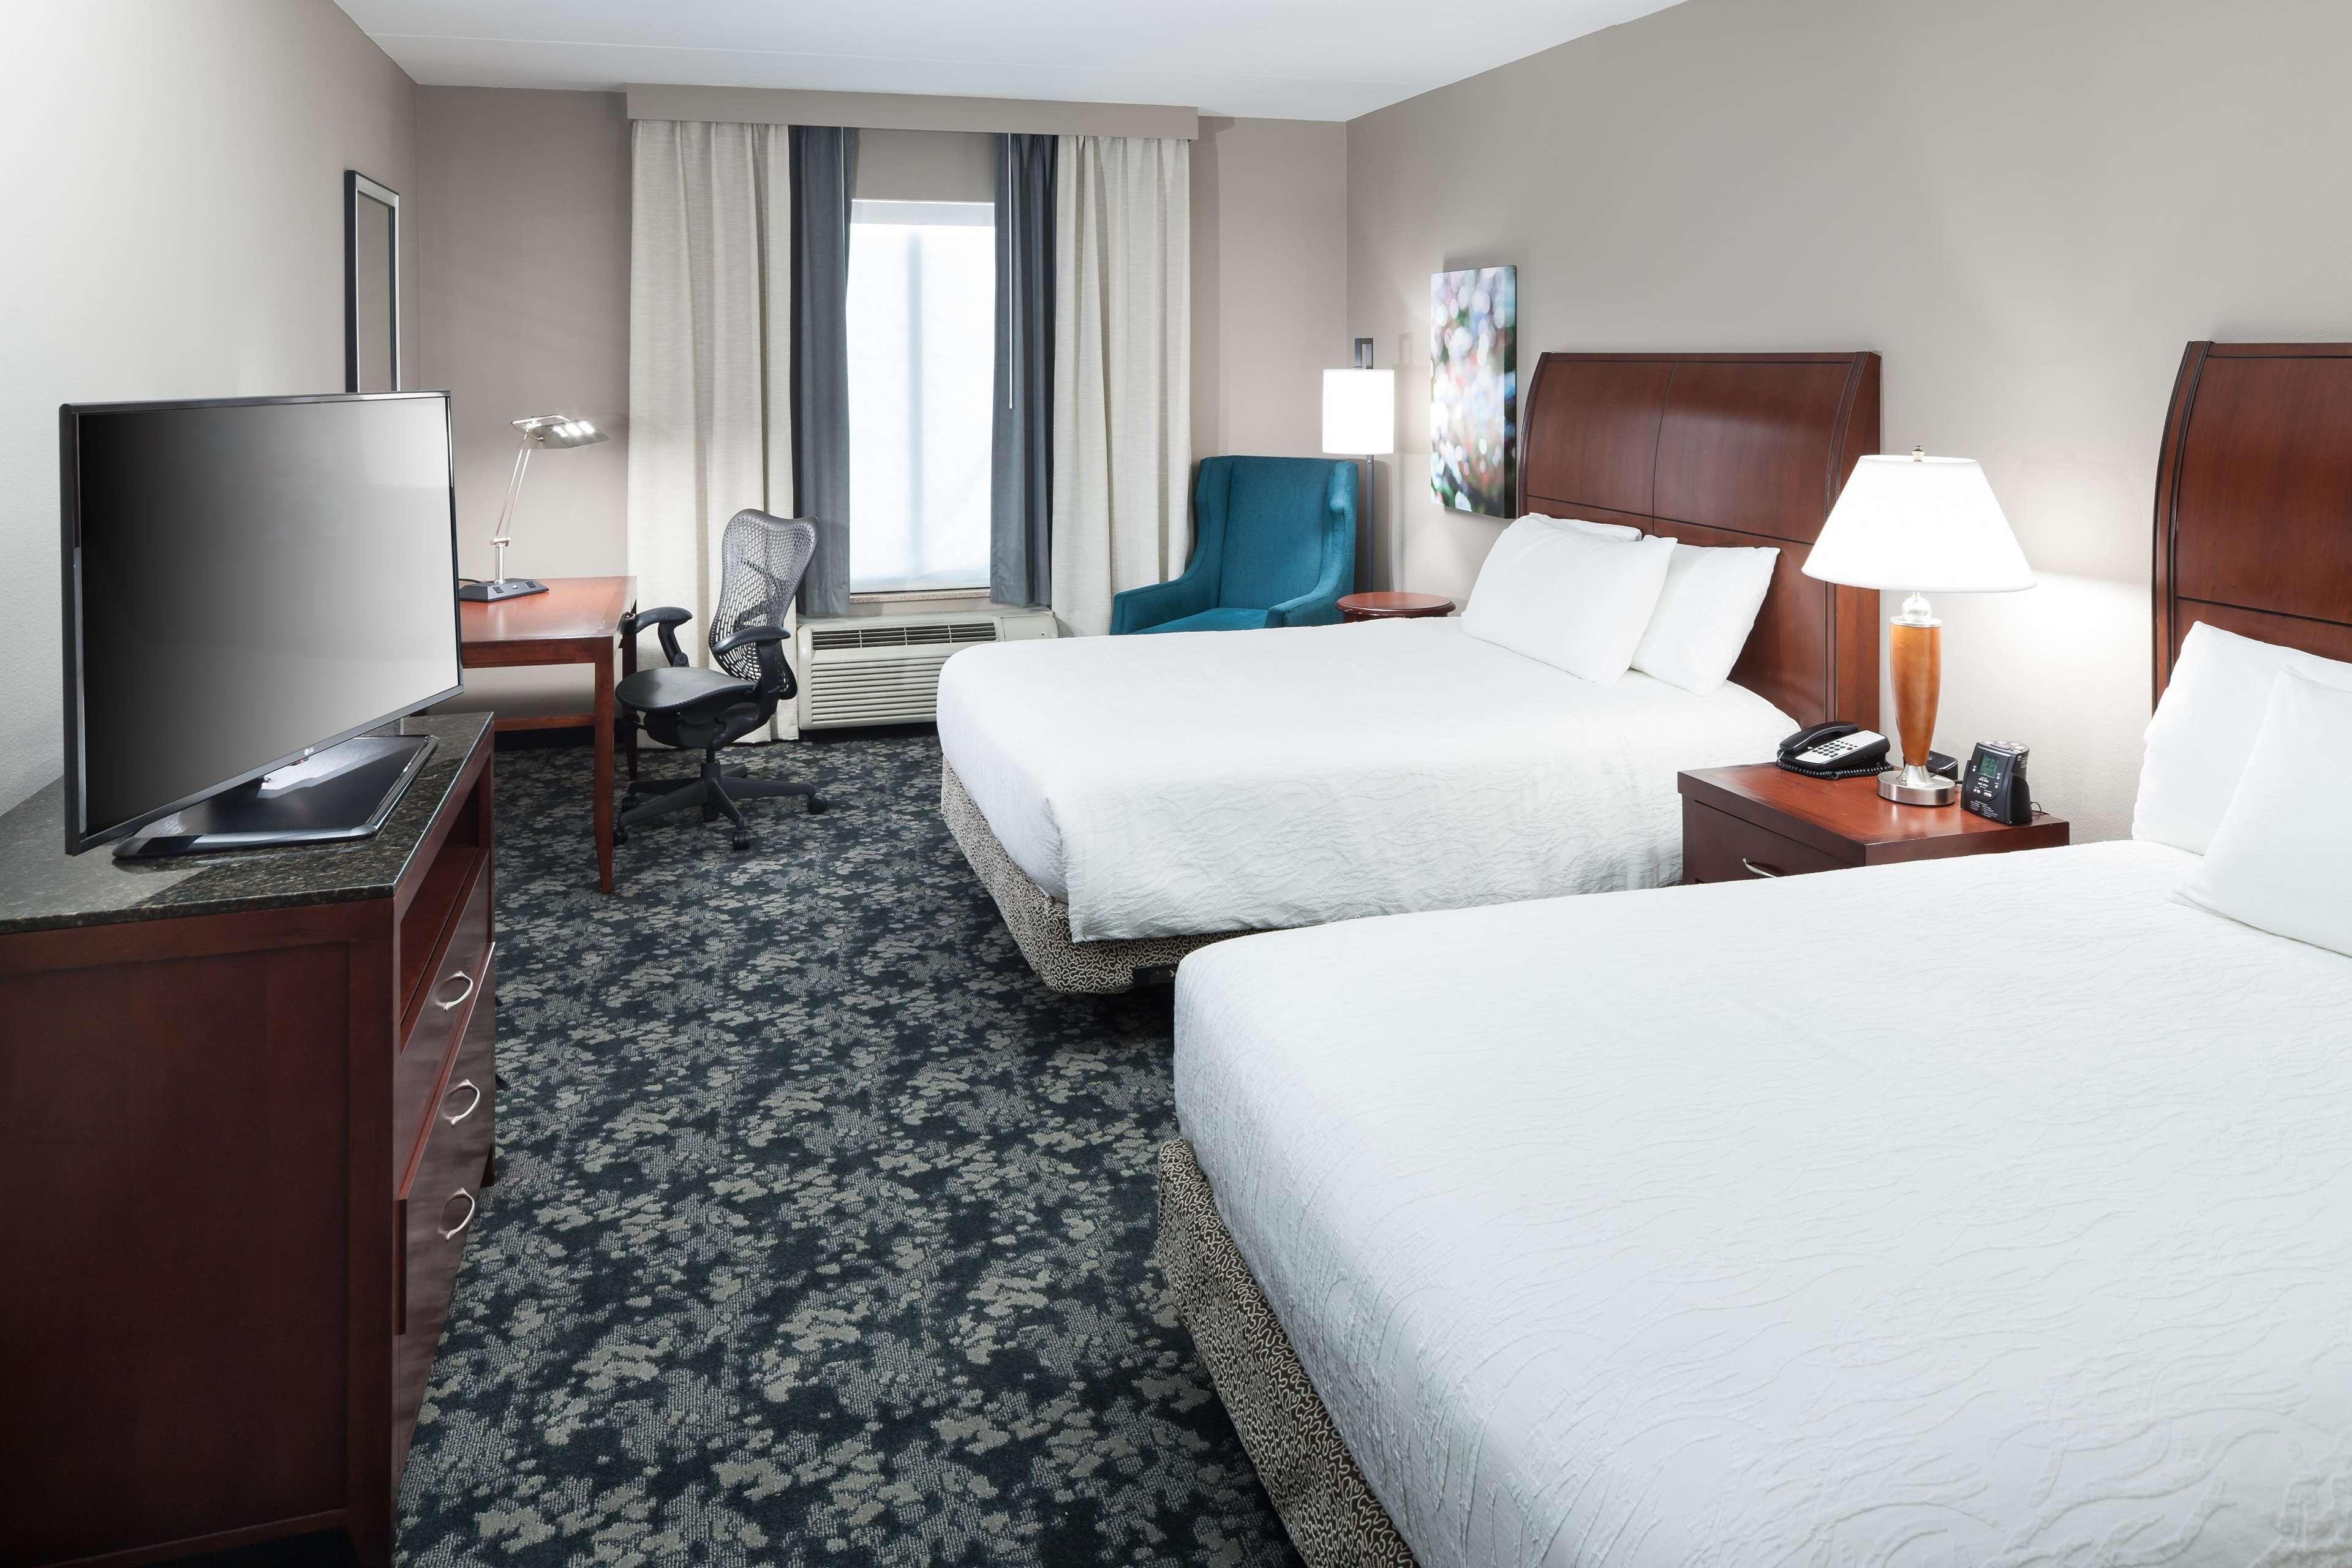 Hilton Garden Inn Frisco image 6